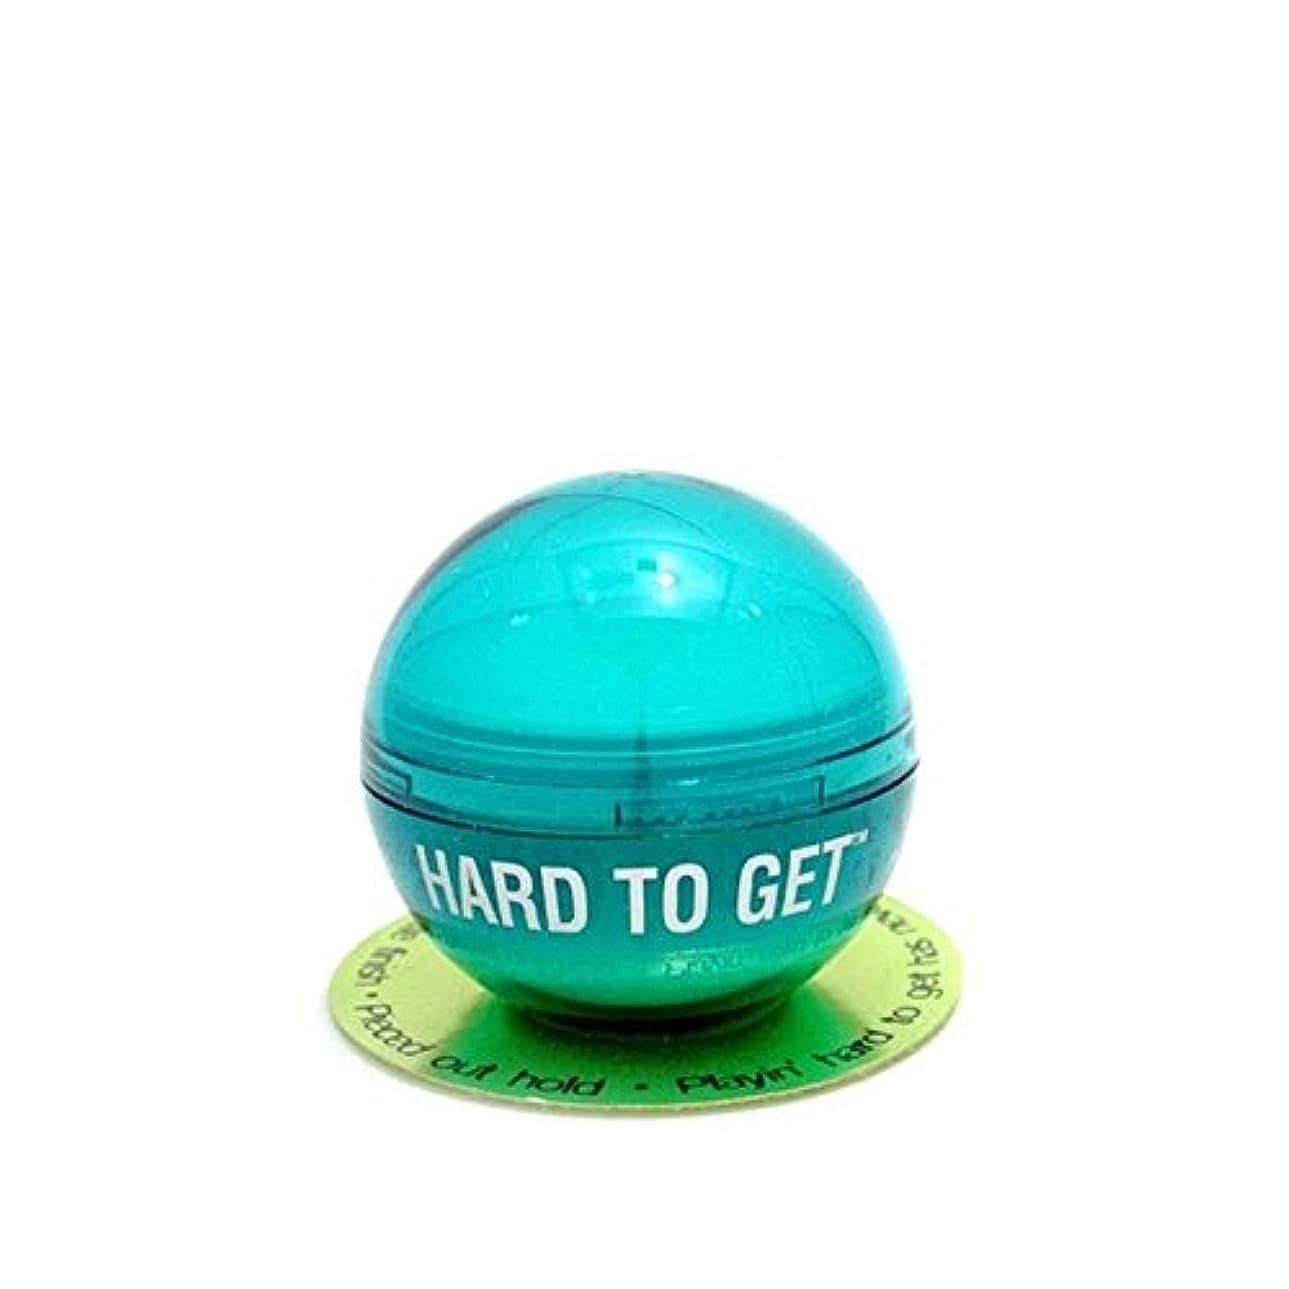 フィドル美人正しくテクスチャーペーストを取得するのは難しいティジーベッドヘッド(42グラム) x2 - Tigi Bed Head Hard To Get Texturising Paste (42G) (Pack of 2) [並行輸入品]